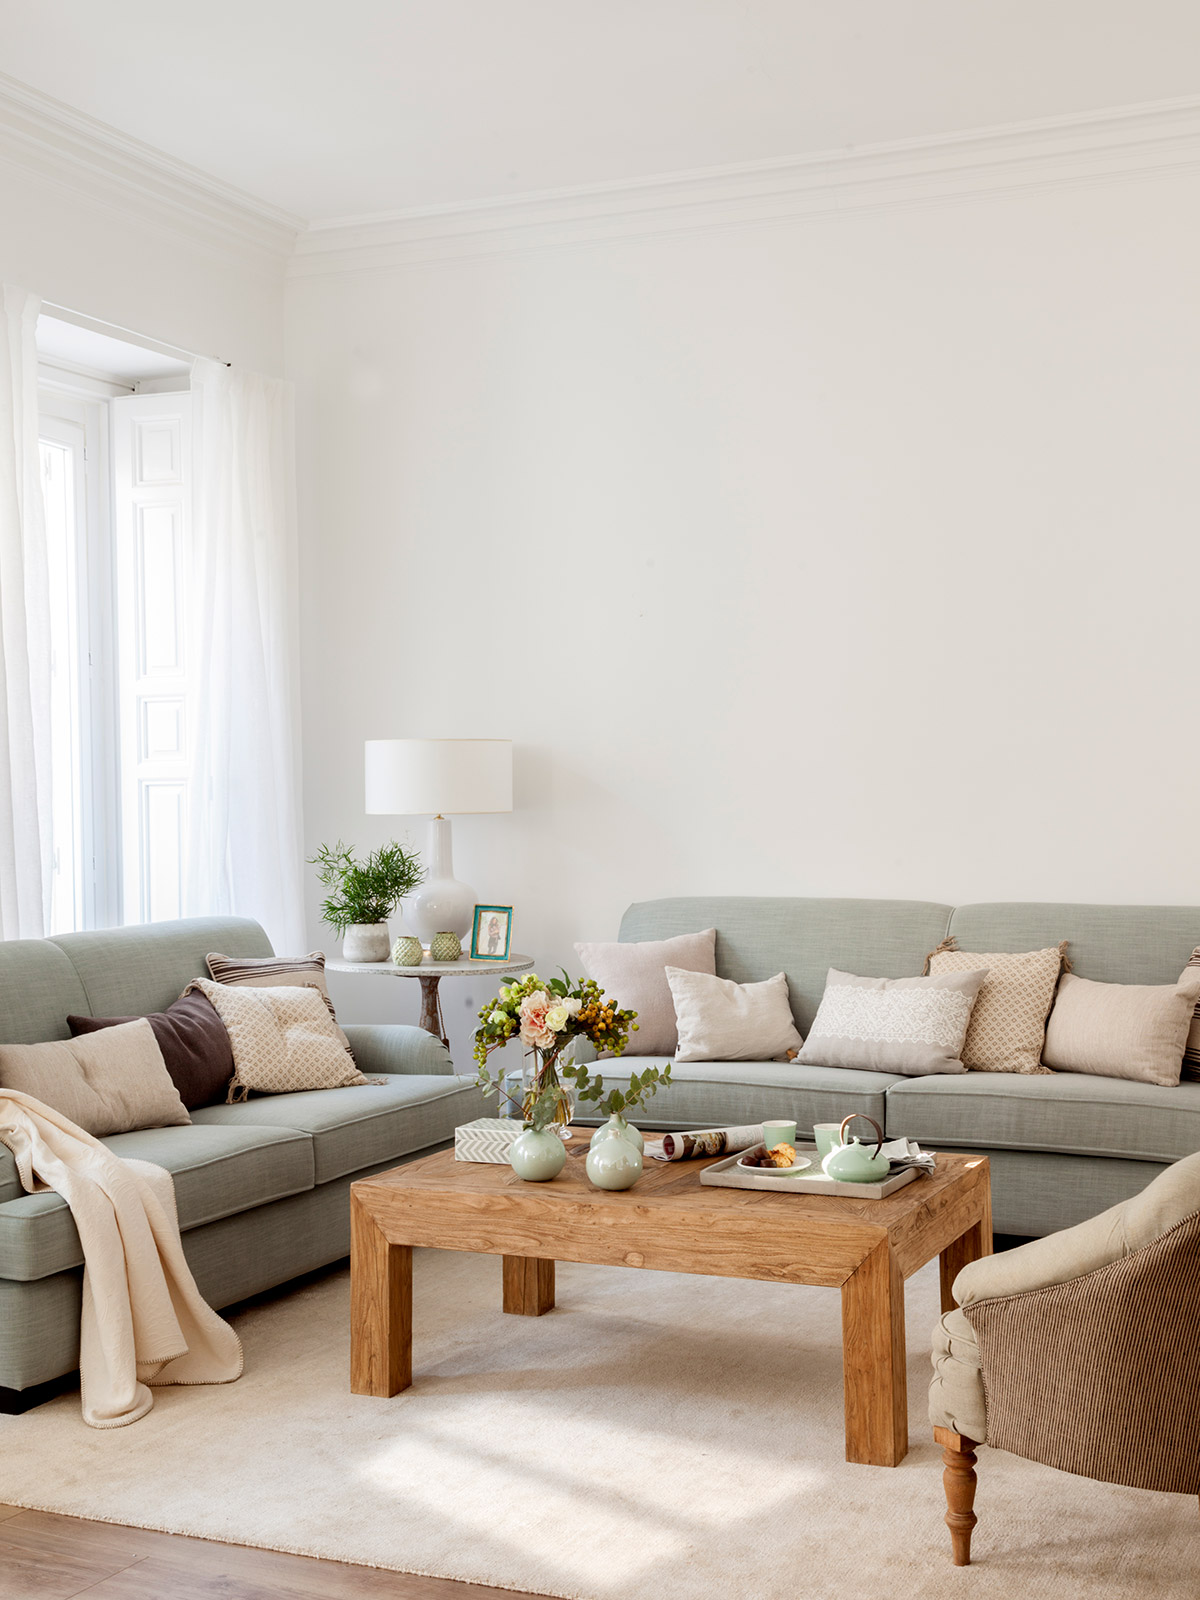 Ideas para aprovechar al m ximo el espacio de un piso peque o - El mueble sofas ...